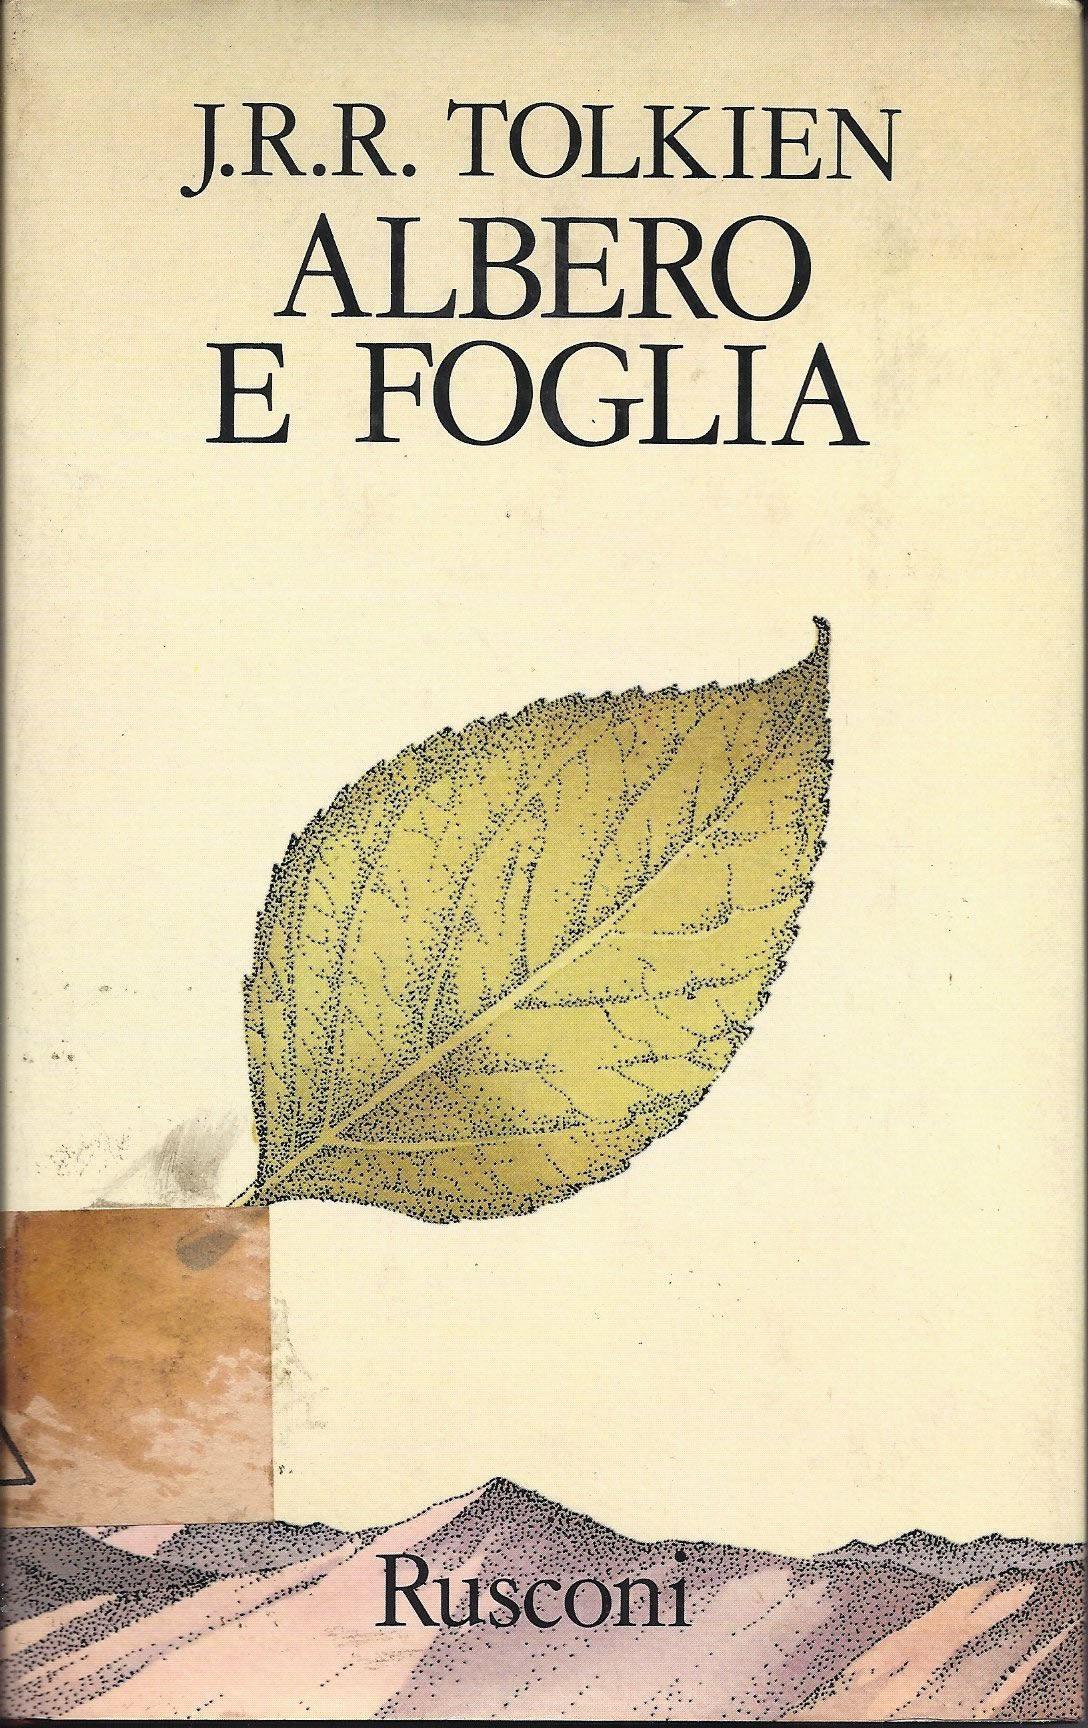 """""""Albero e foglia"""", di J. R. R. Tolkien avvistato a 30 €"""